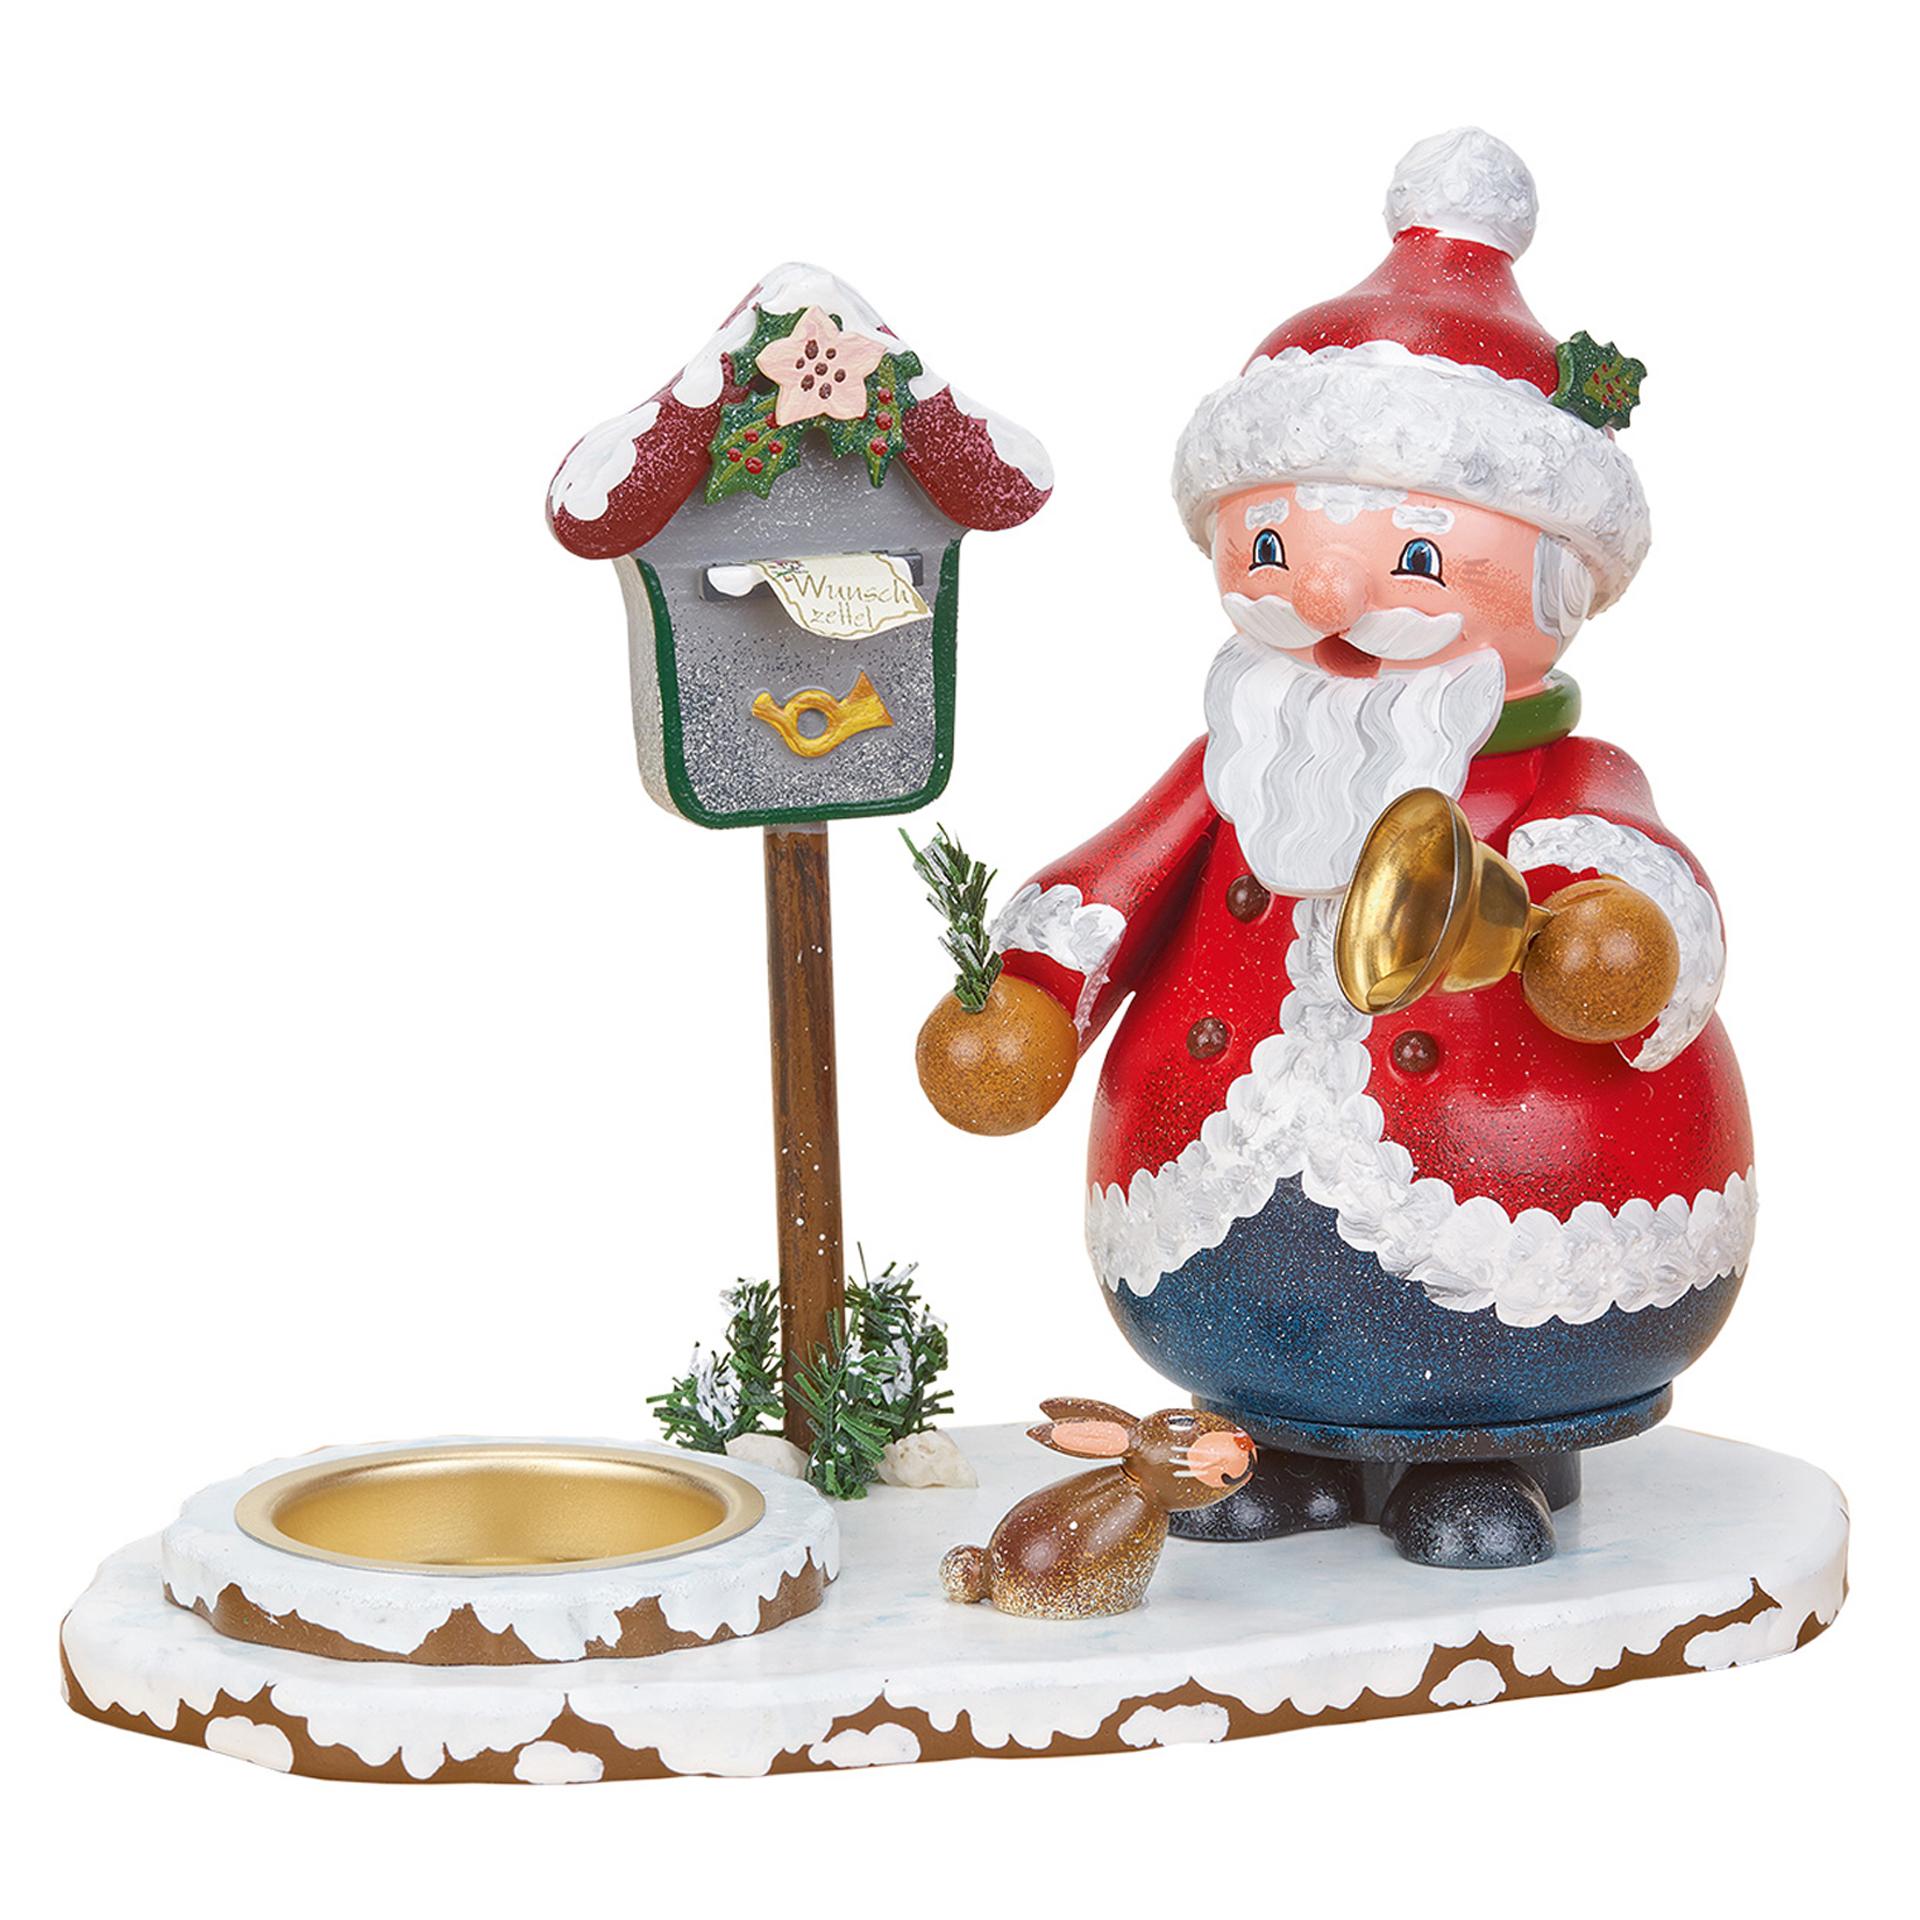 Räucherwichtel Weihnachtsmann mit Teelicht